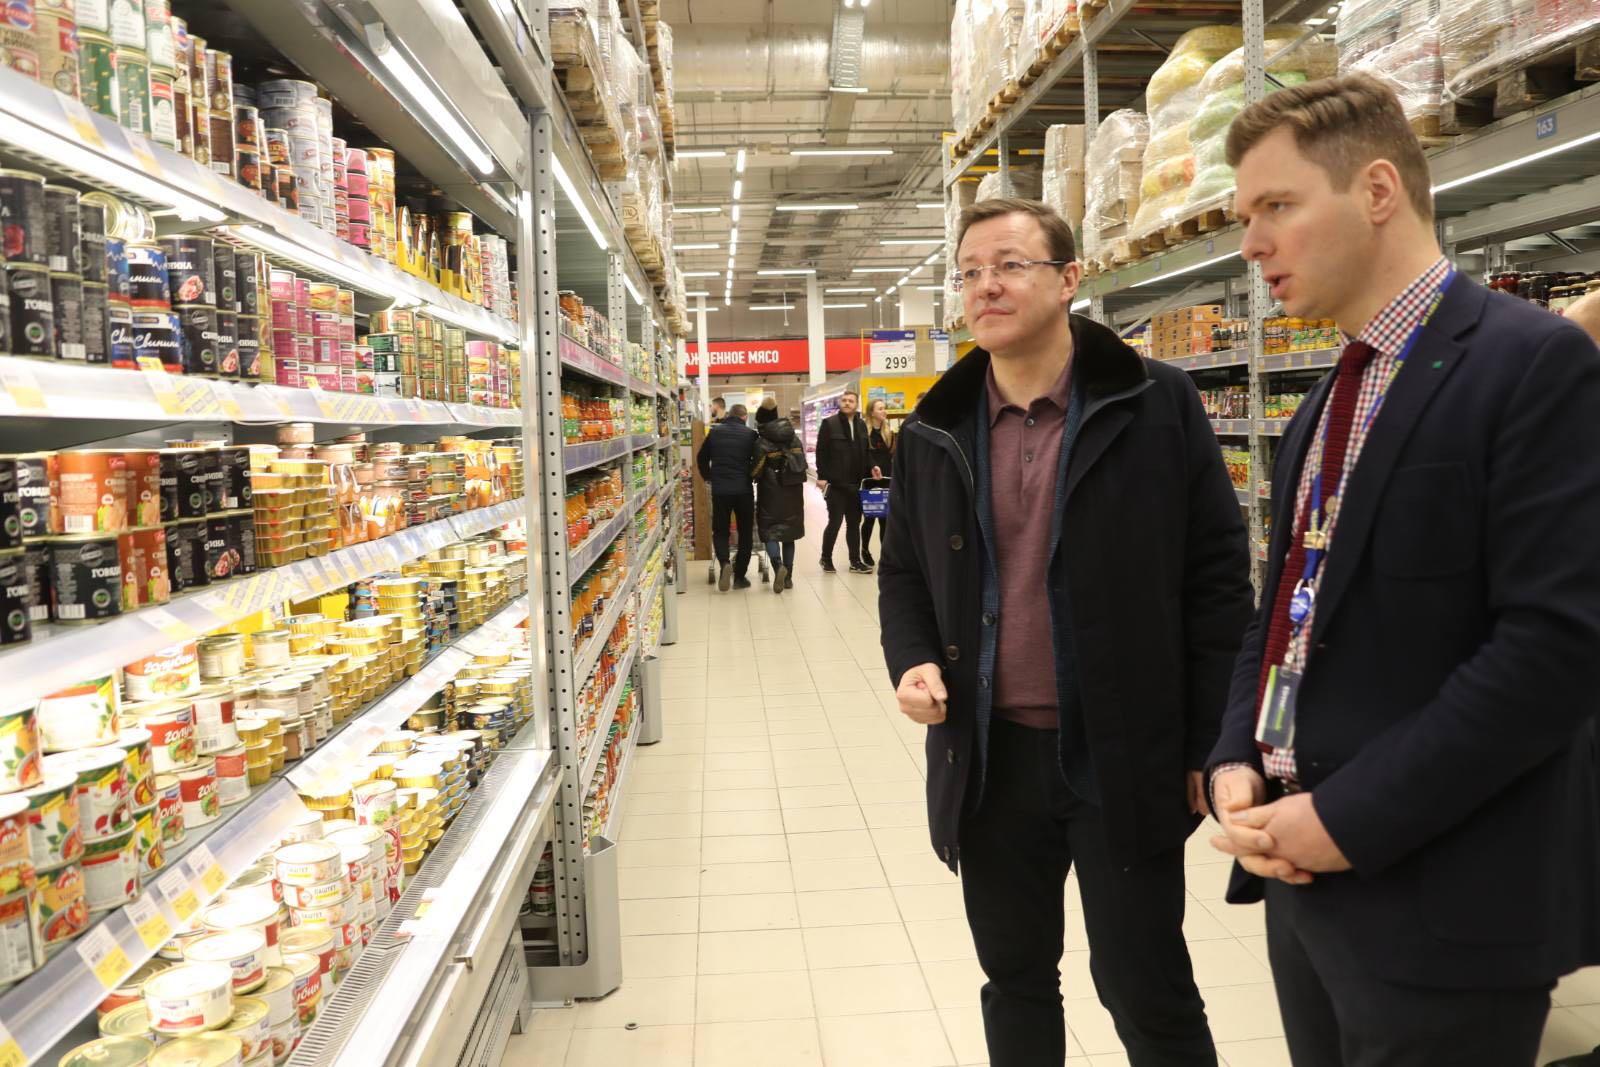 Губернатор Дмитрий Азаров проверил наличие продуктов и цены в гипермаркетах